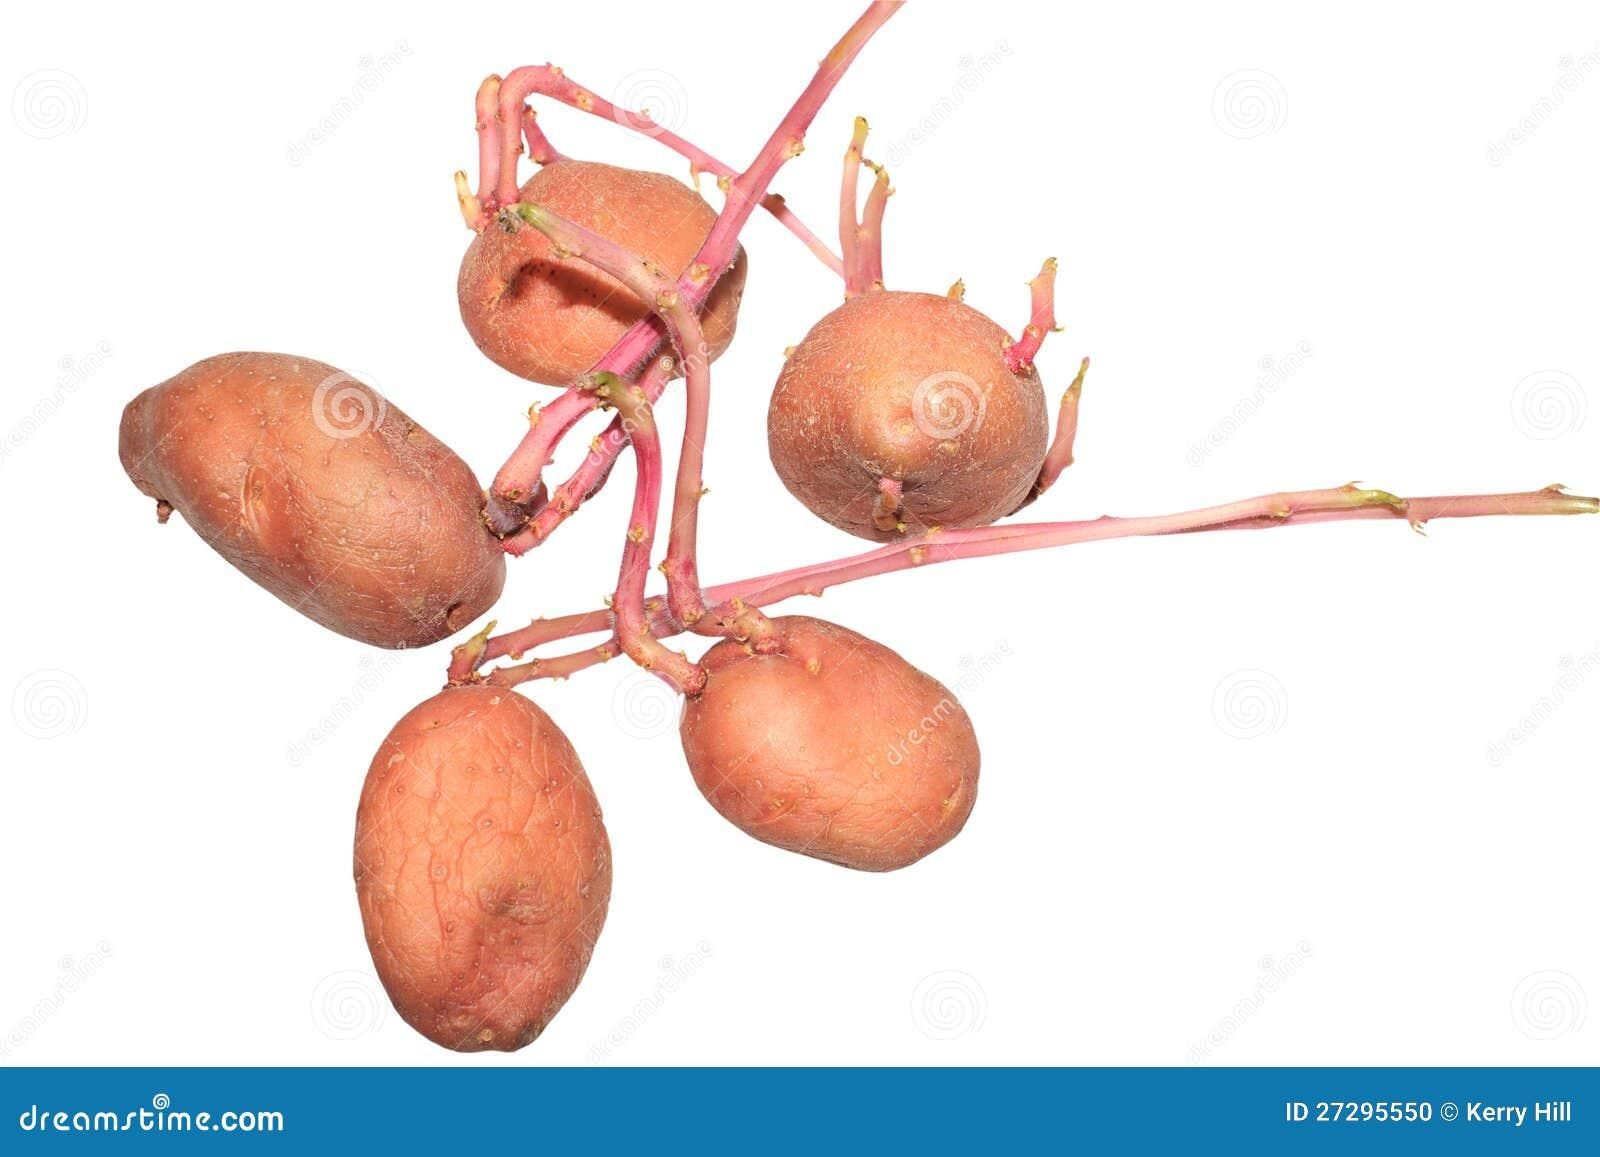 发芽土豆 库存照片 - 图片: 27295550图片